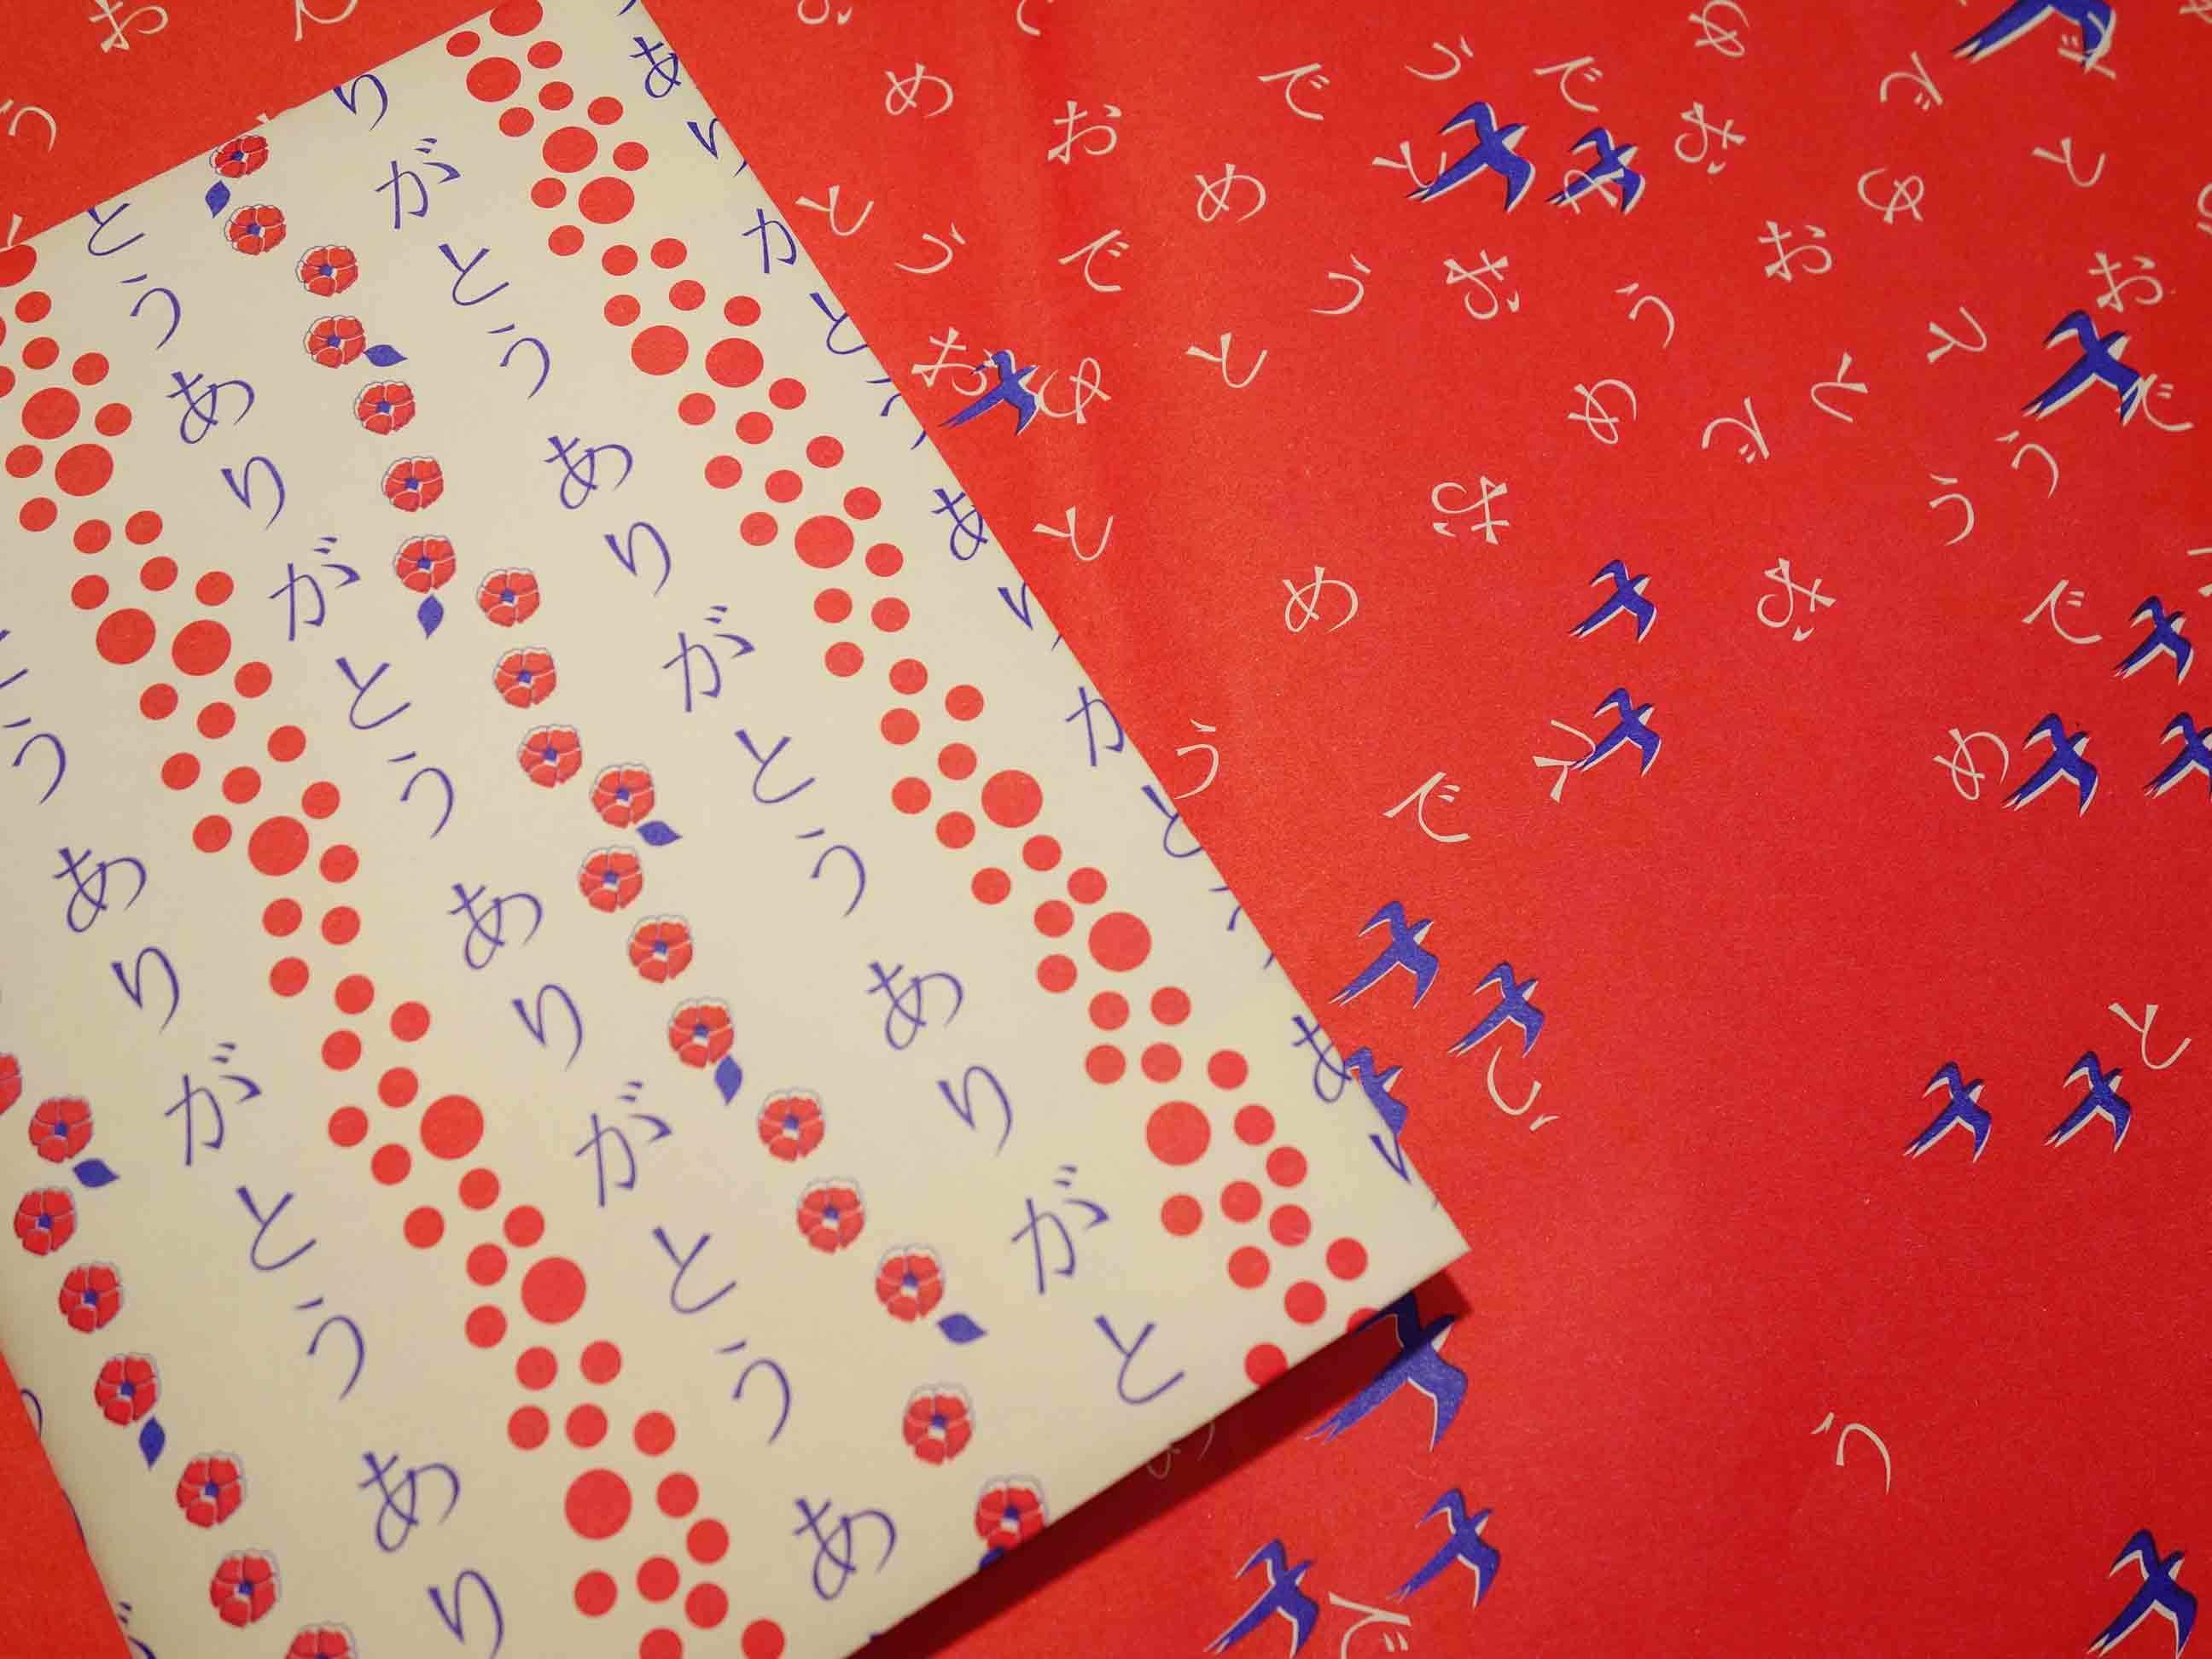 ウィギーカンパニーのレトロでかわいい包装紙_e0167832_19115715.jpg